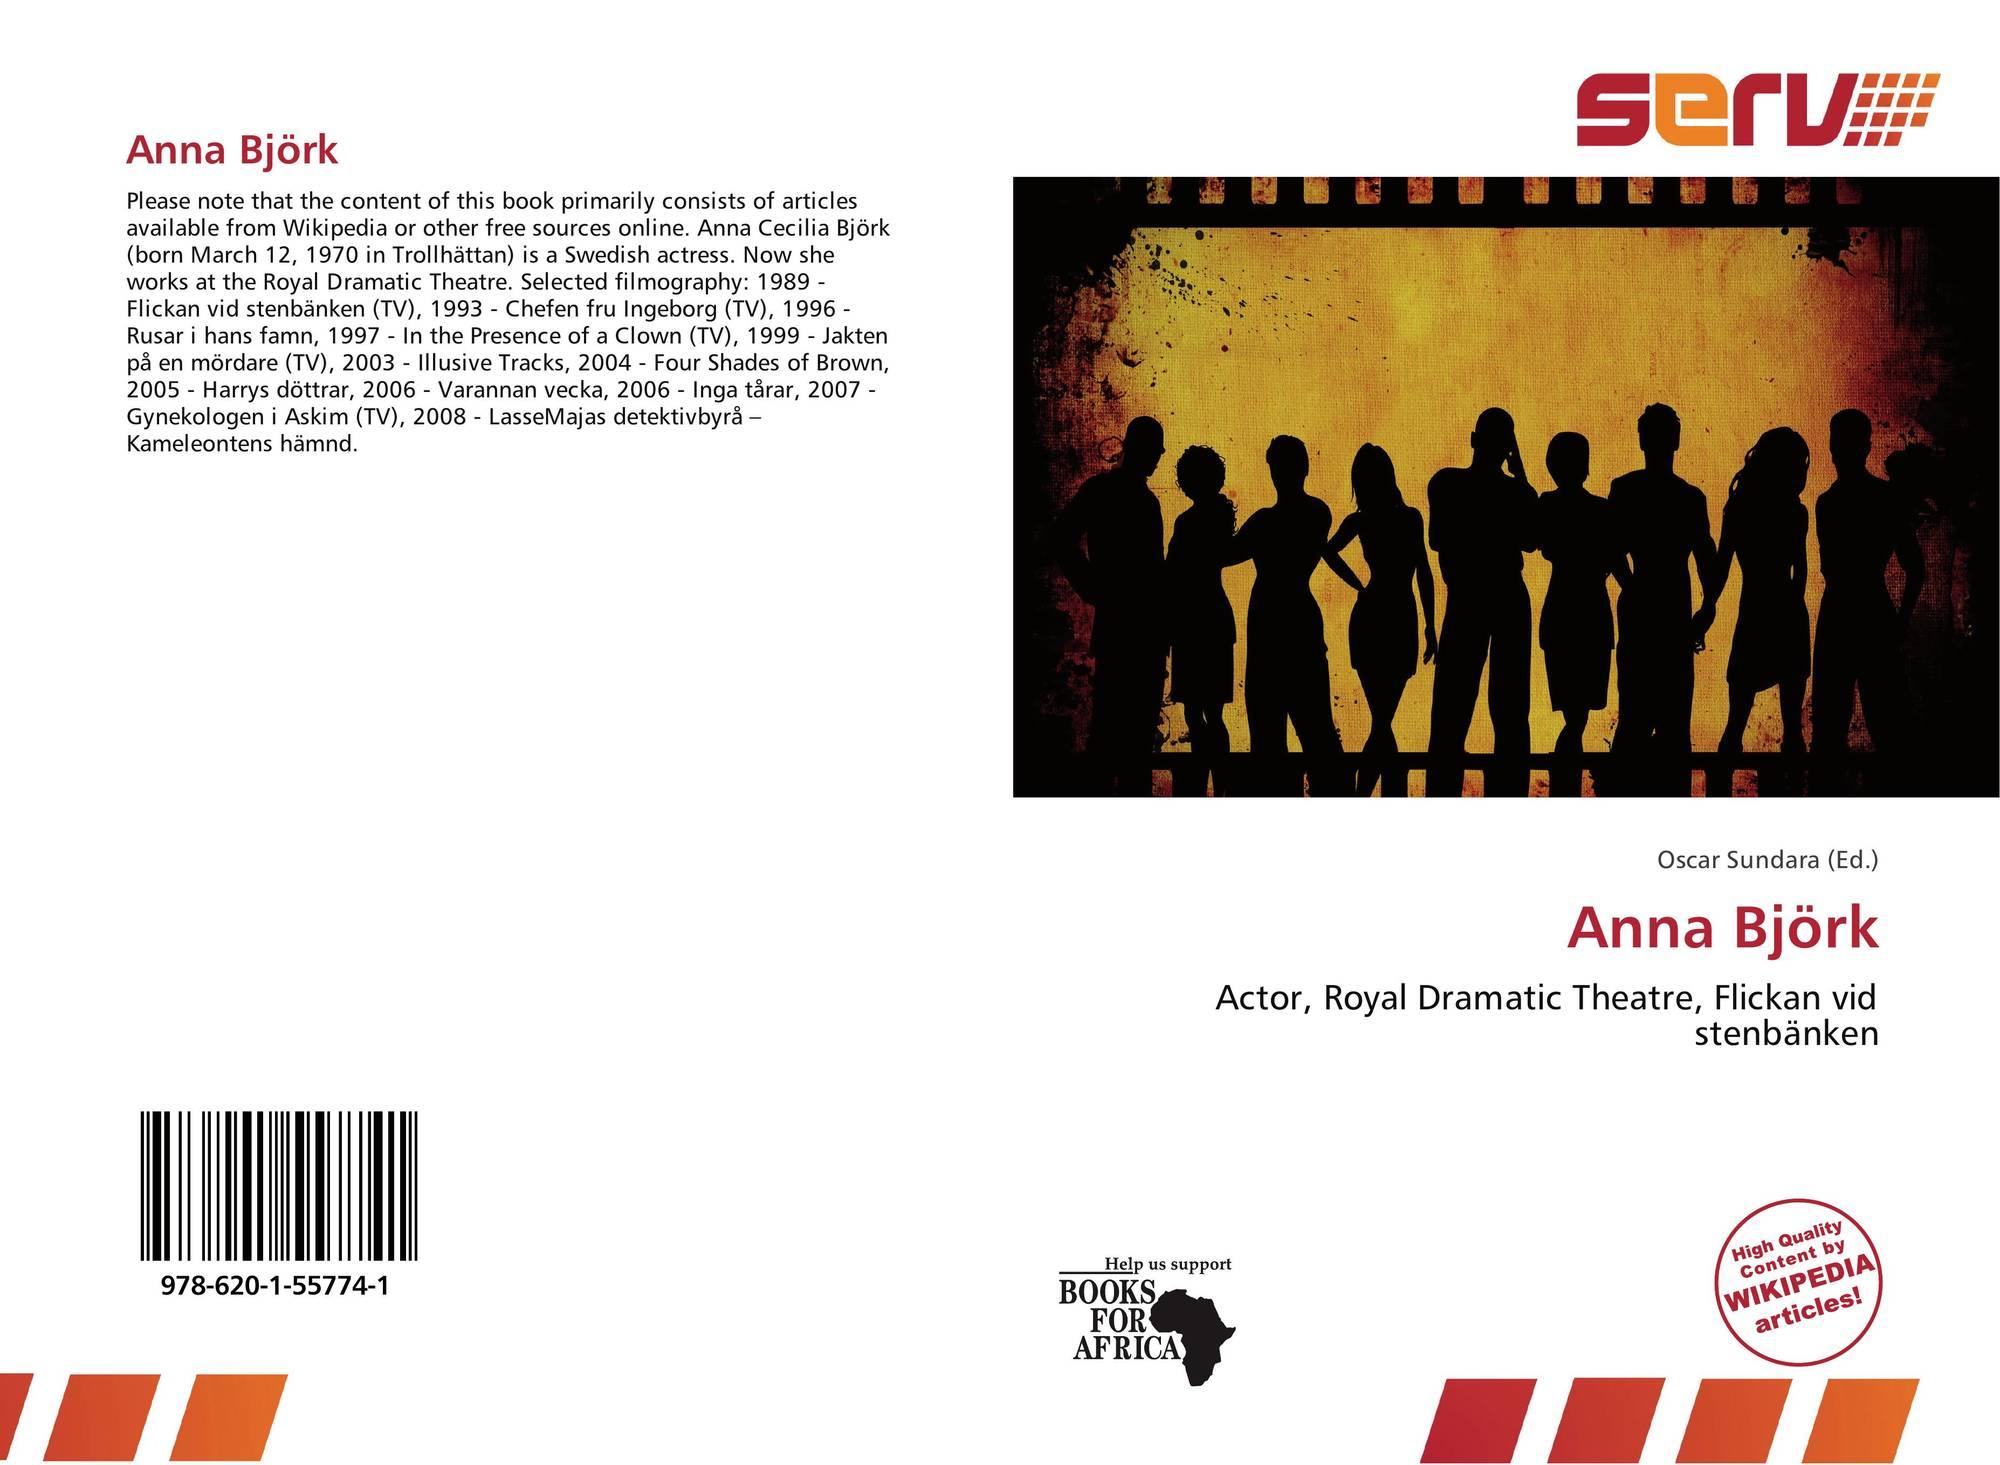 Anna Cecilia Bjork Nude Photos 11